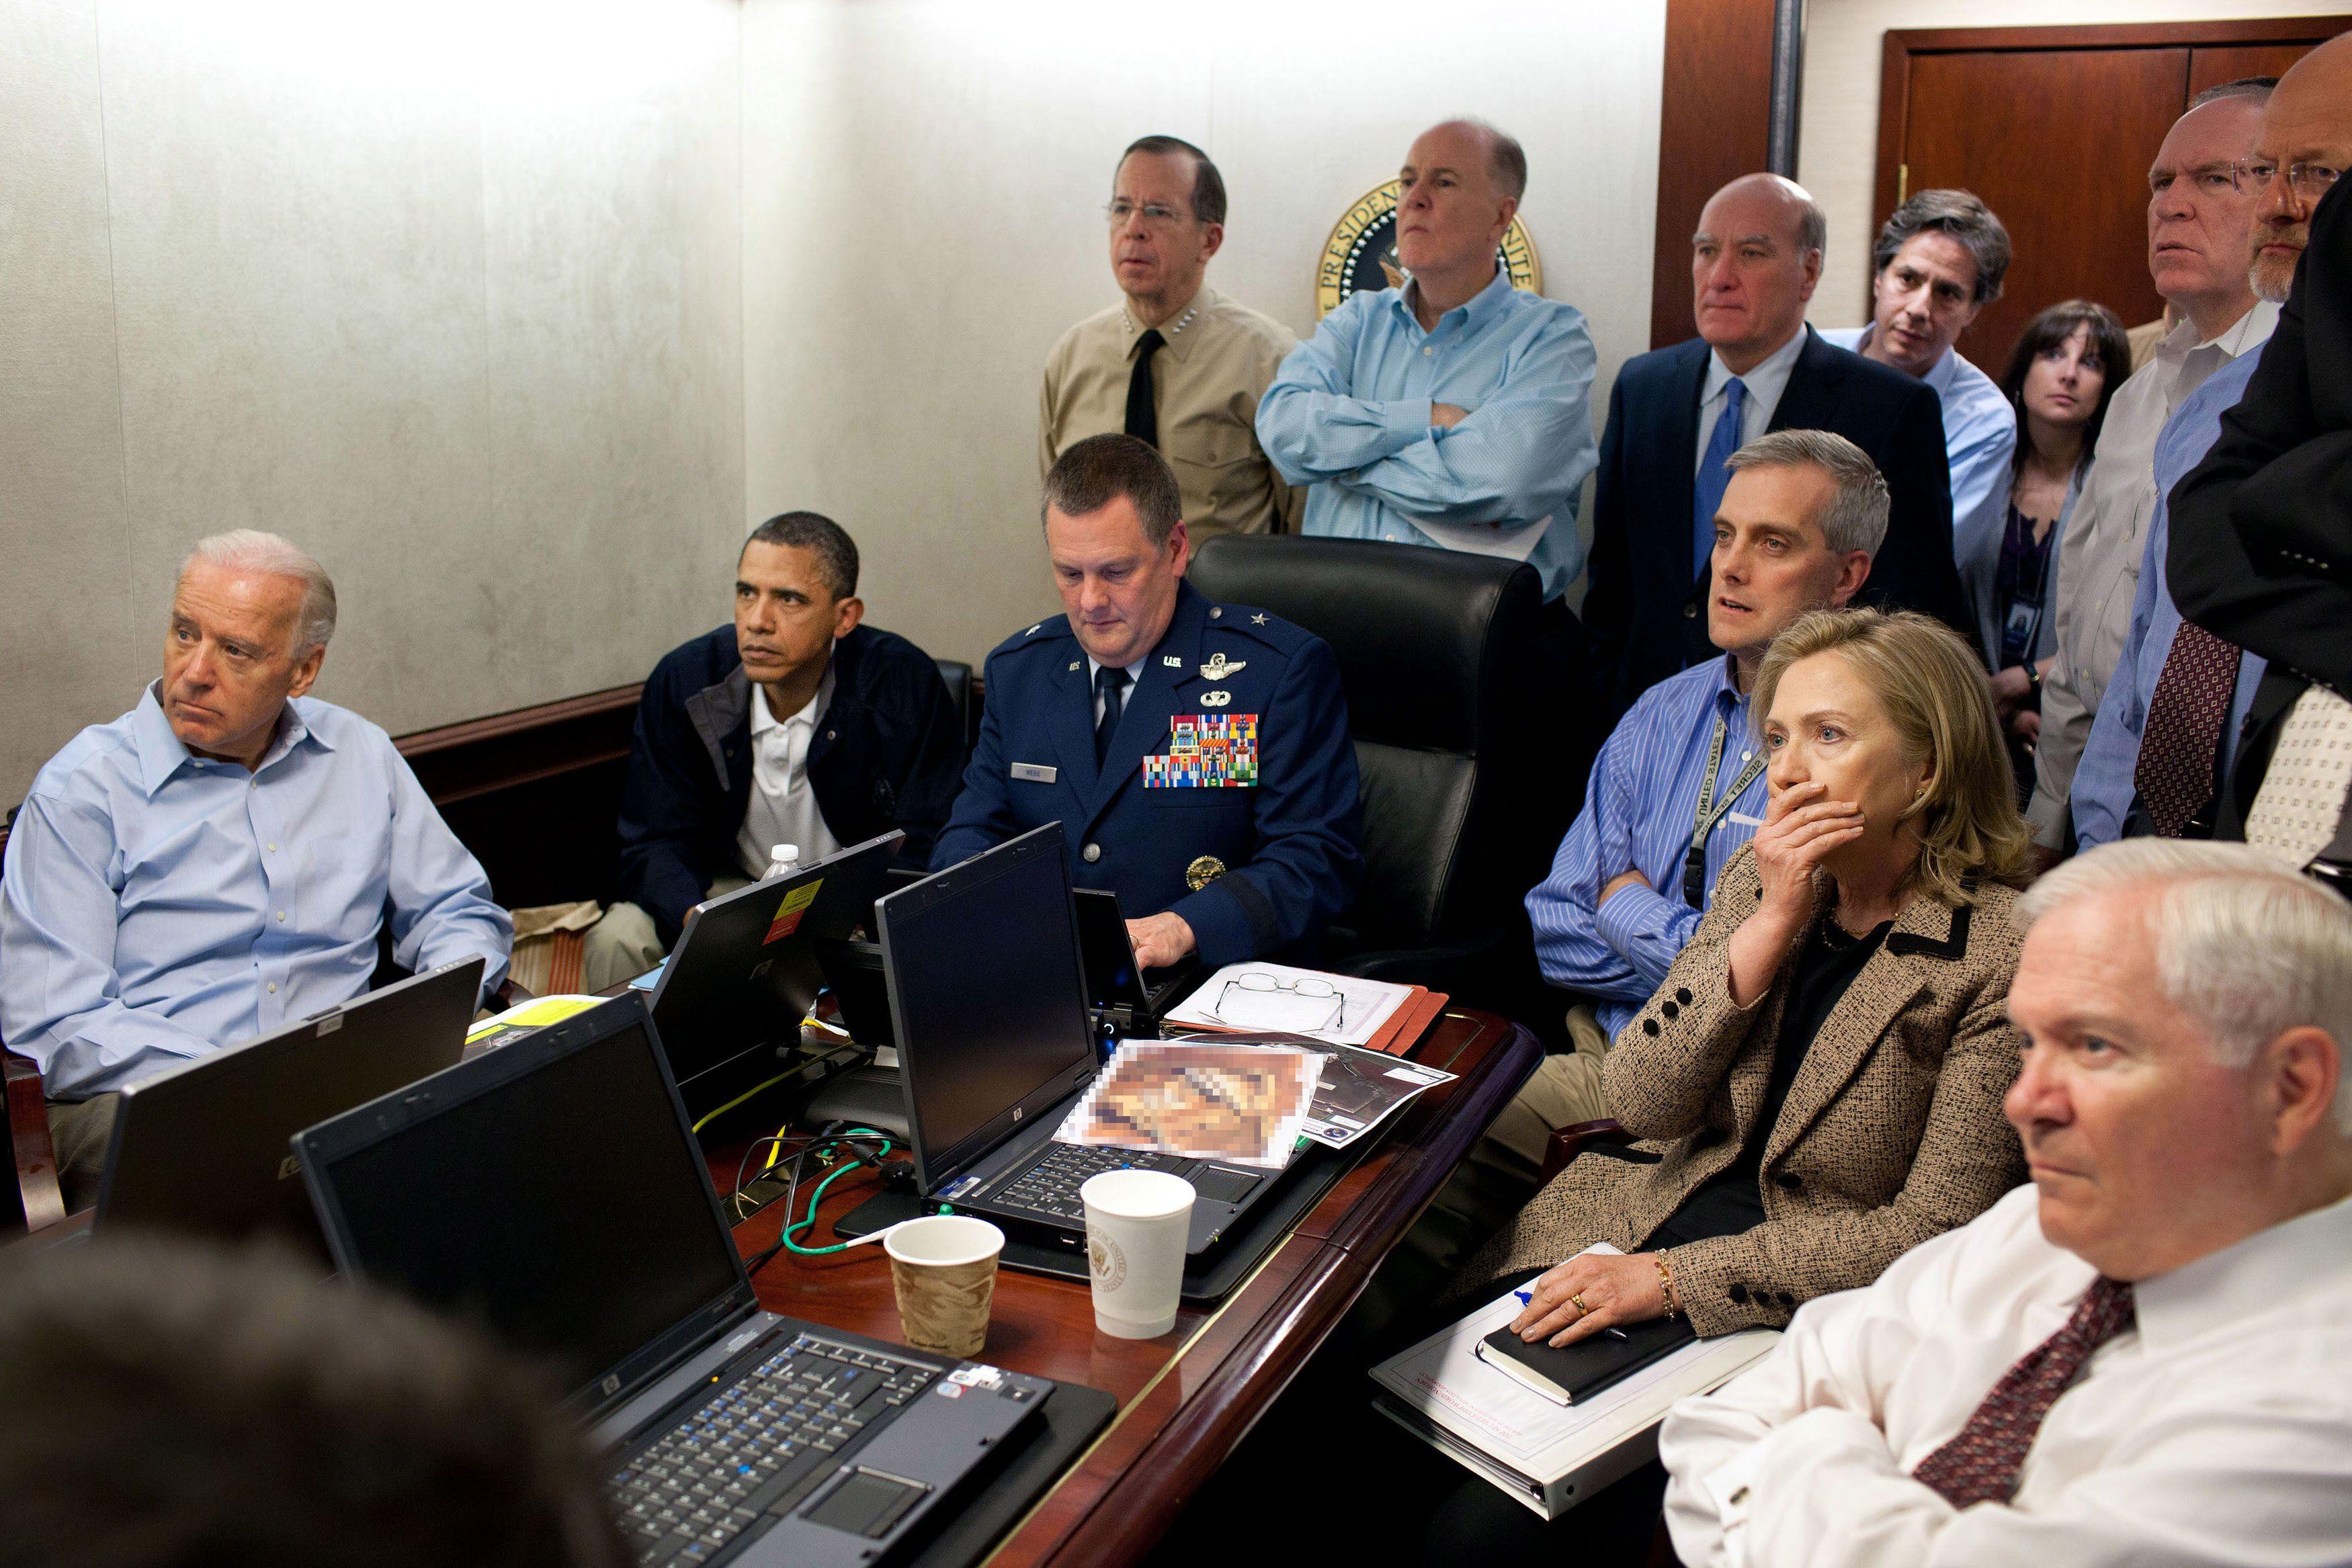 La fameuse photo prise lors de l'assaut final contre Oussama Ben Laden